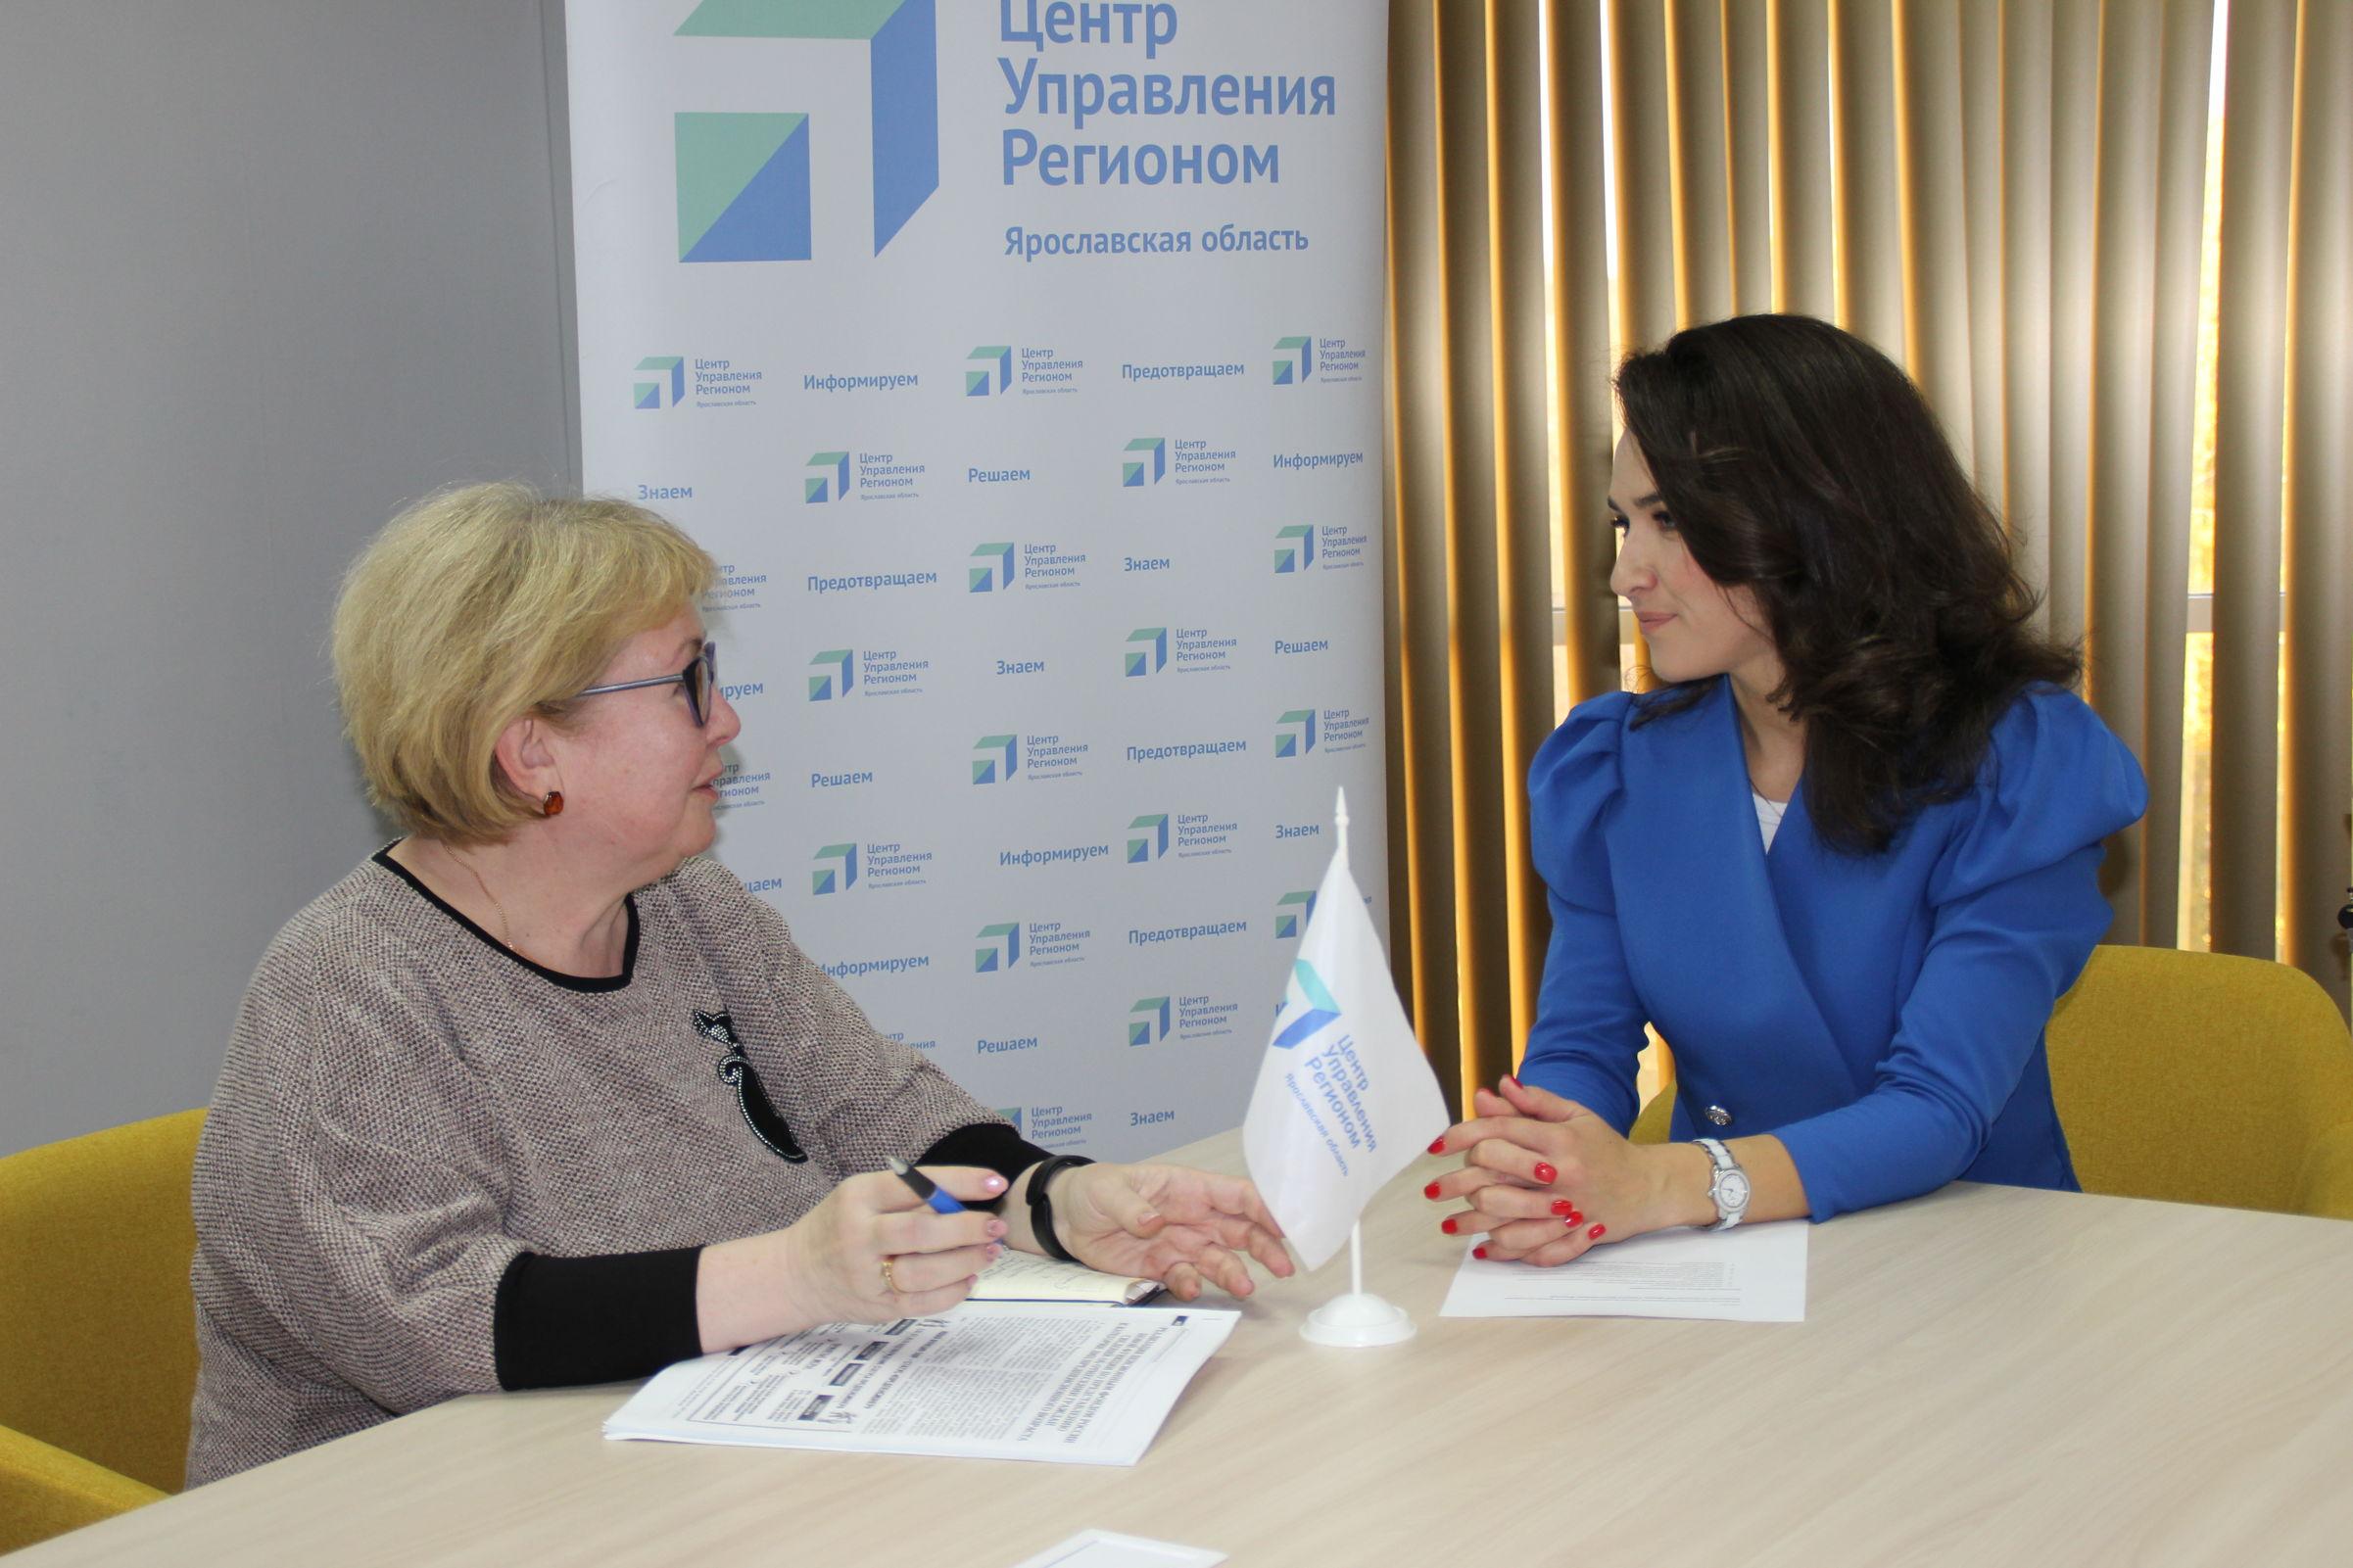 Ярославцам рассказали, что дает статус предпенсионера и как его получить